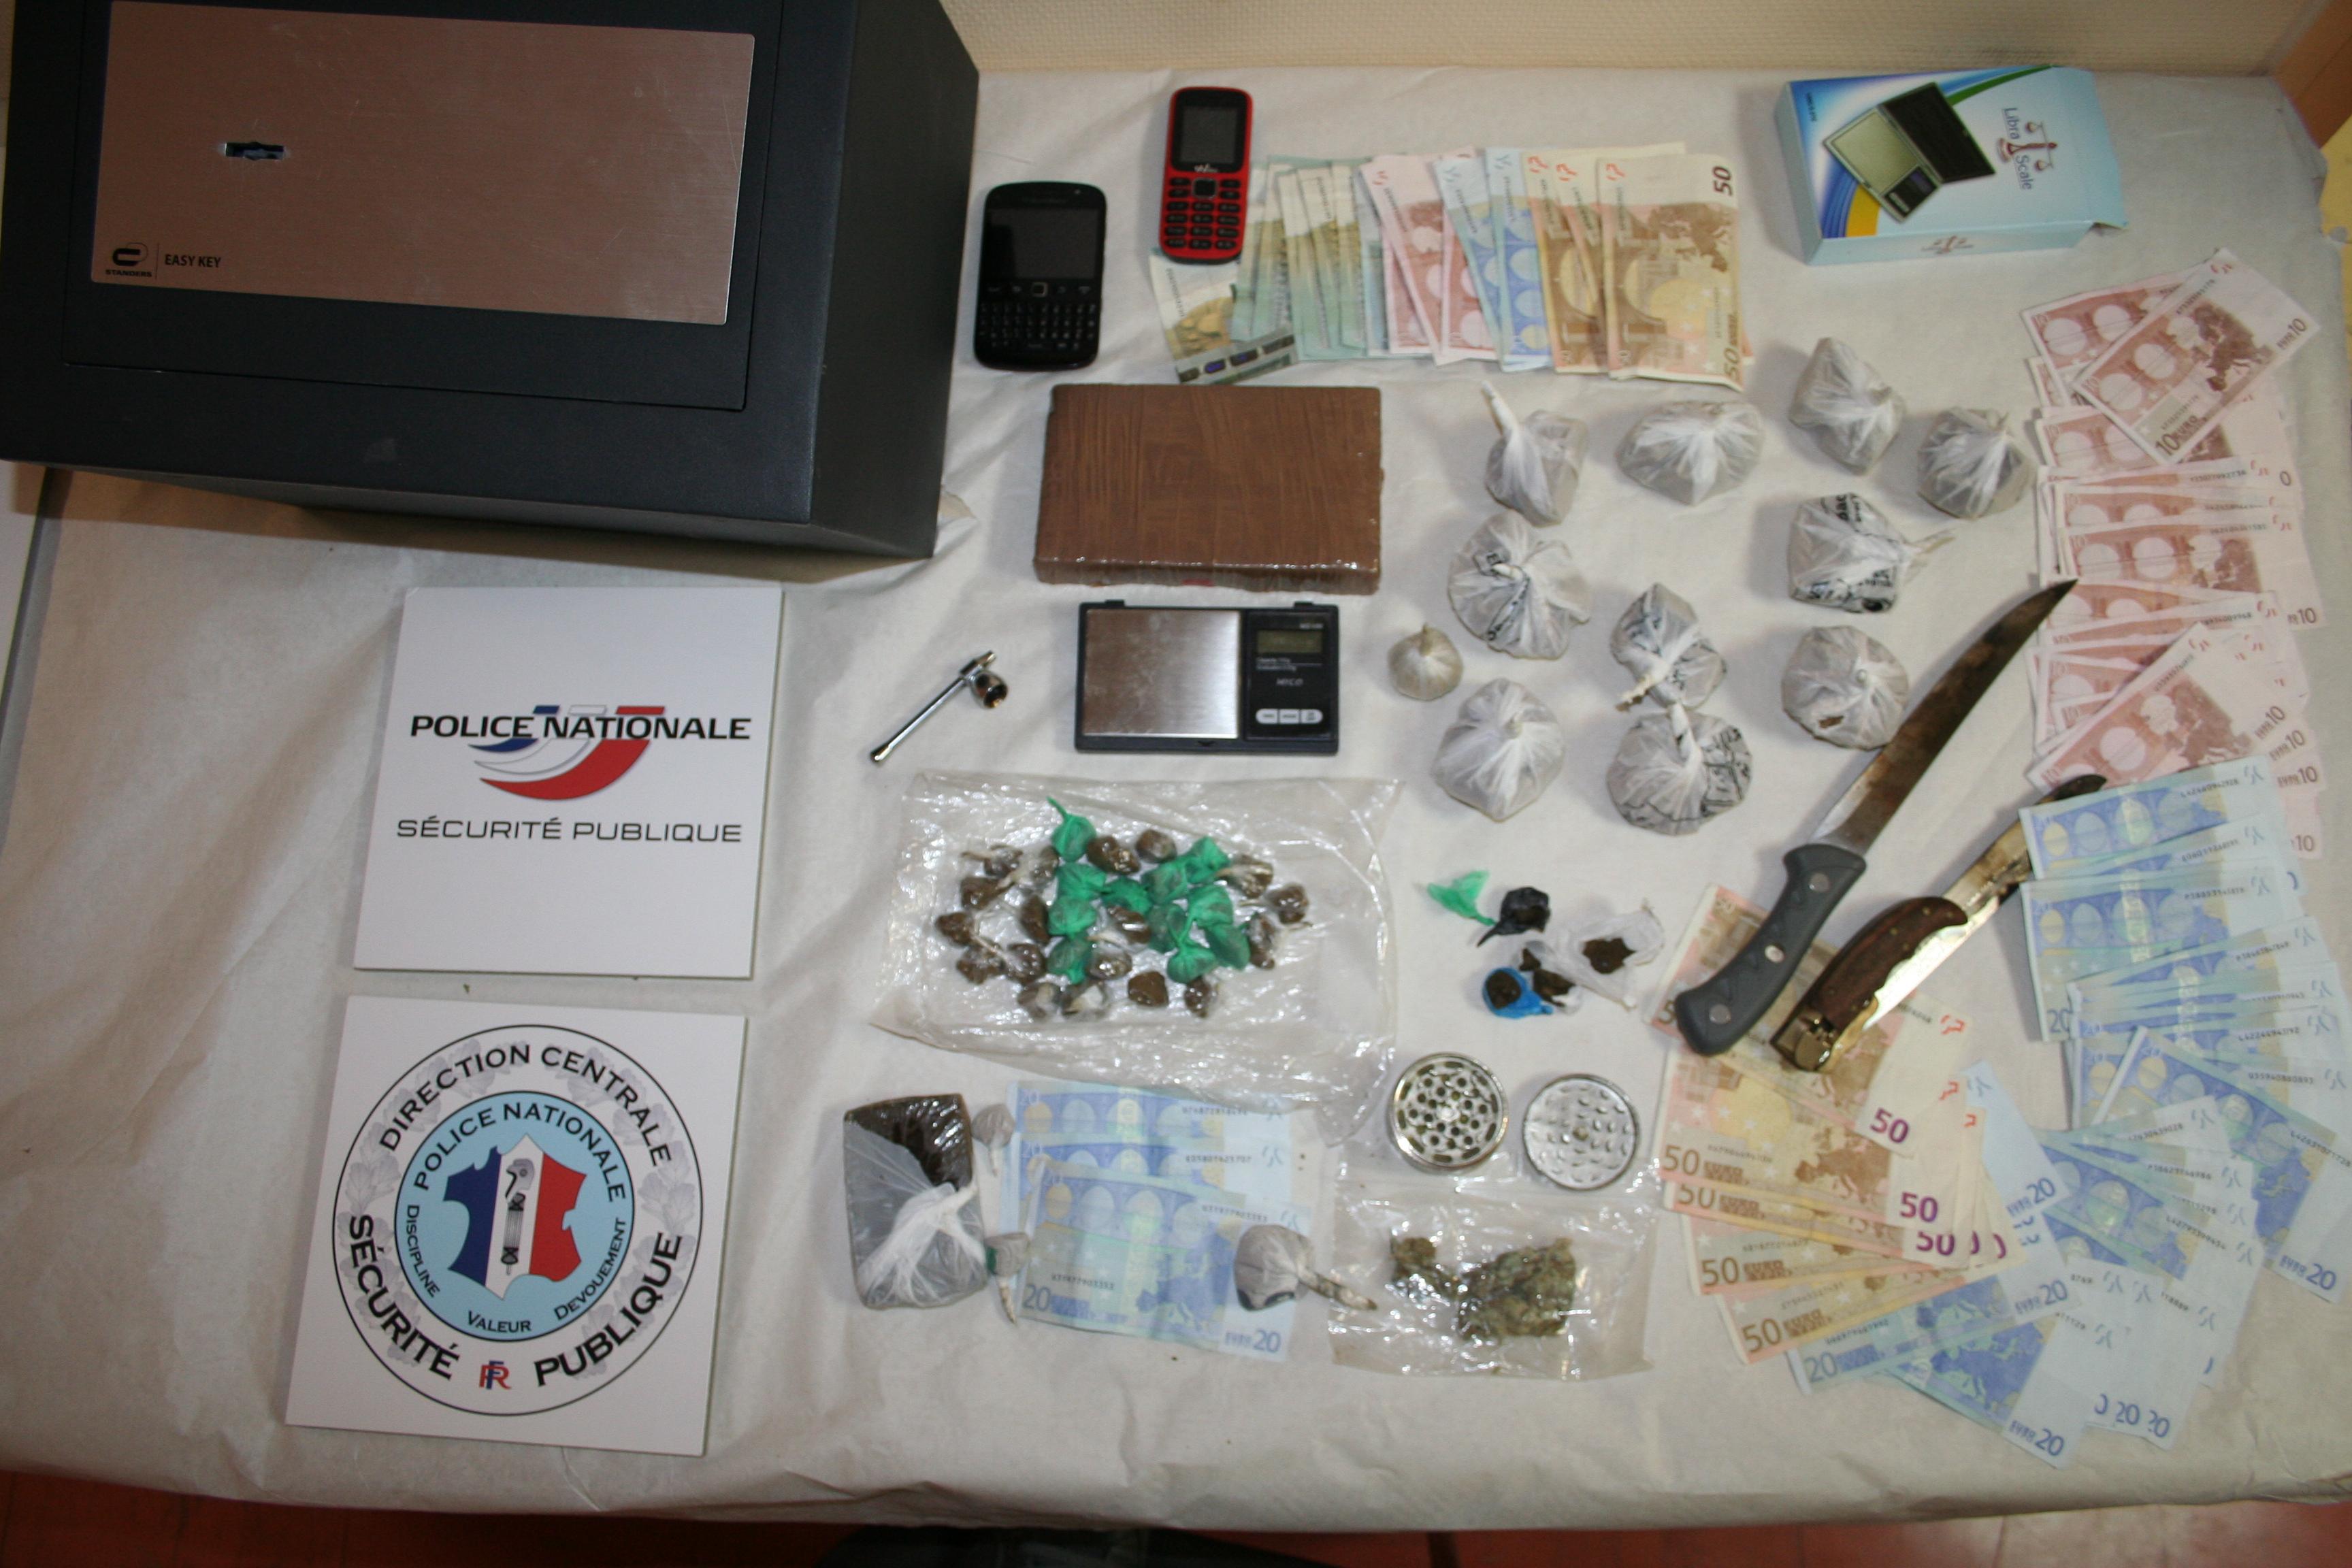 Dans le coffre (en haut à gauche) les policiers ont découvert 1 kg d'héroïne, 80 grammes de résine de cannabis et 1300€ en petites coupures (Photo DDSP)